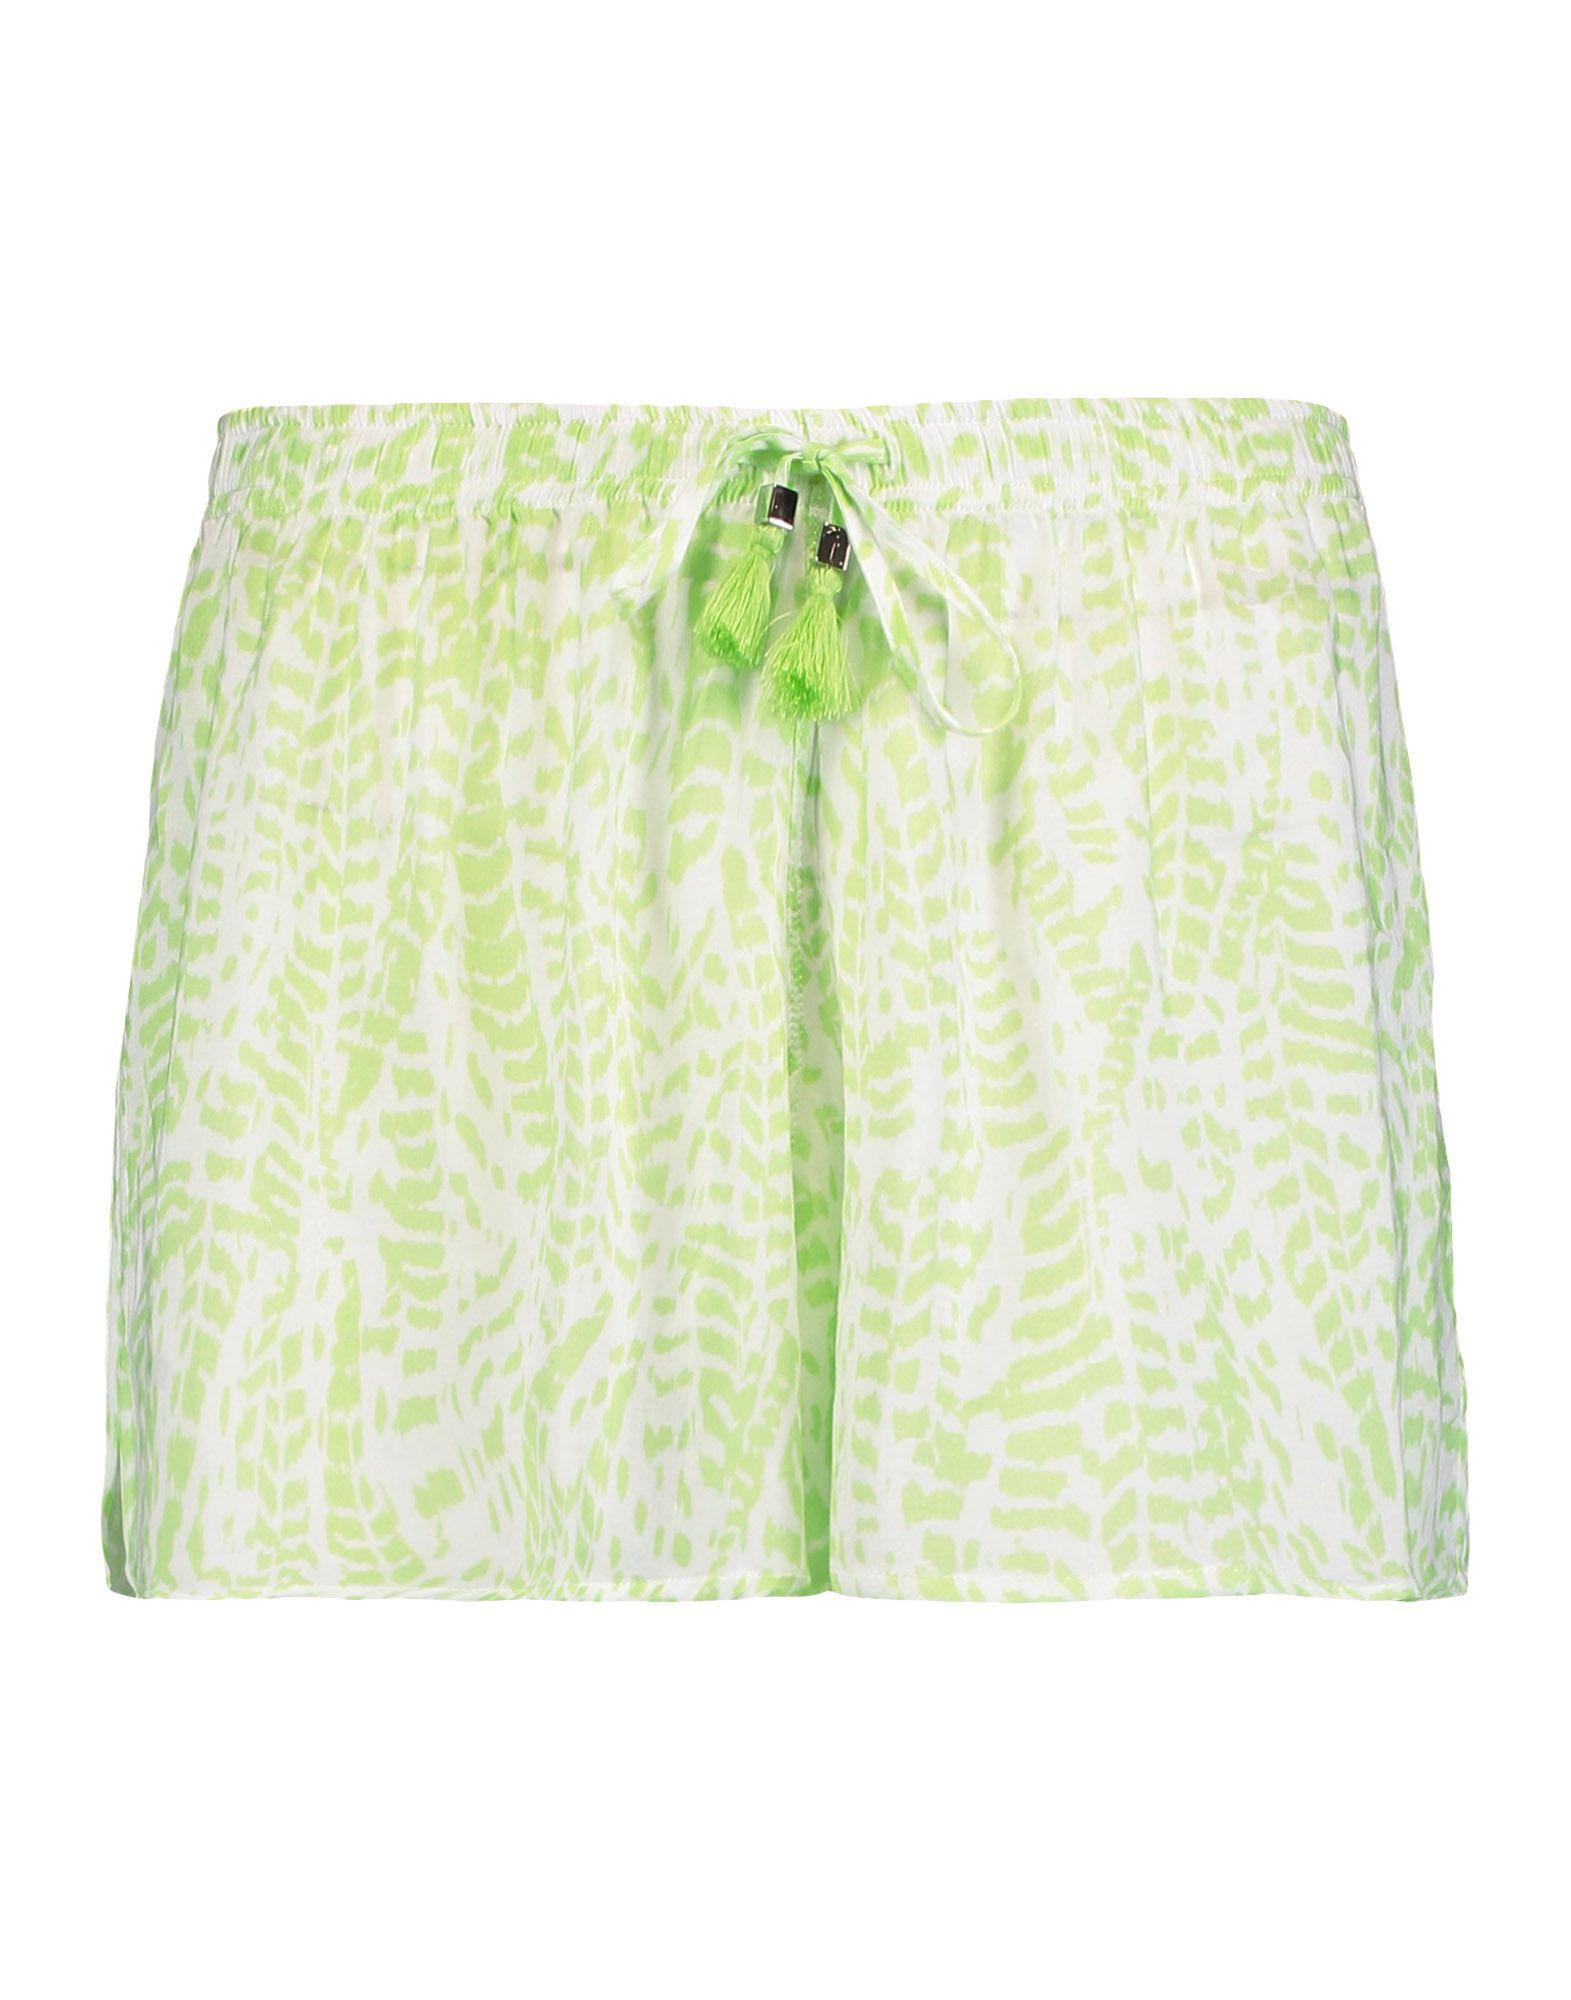 HEIDI KLEIN Пляжные брюки и шорты мужские пляжные шорты adgddf surf 546321